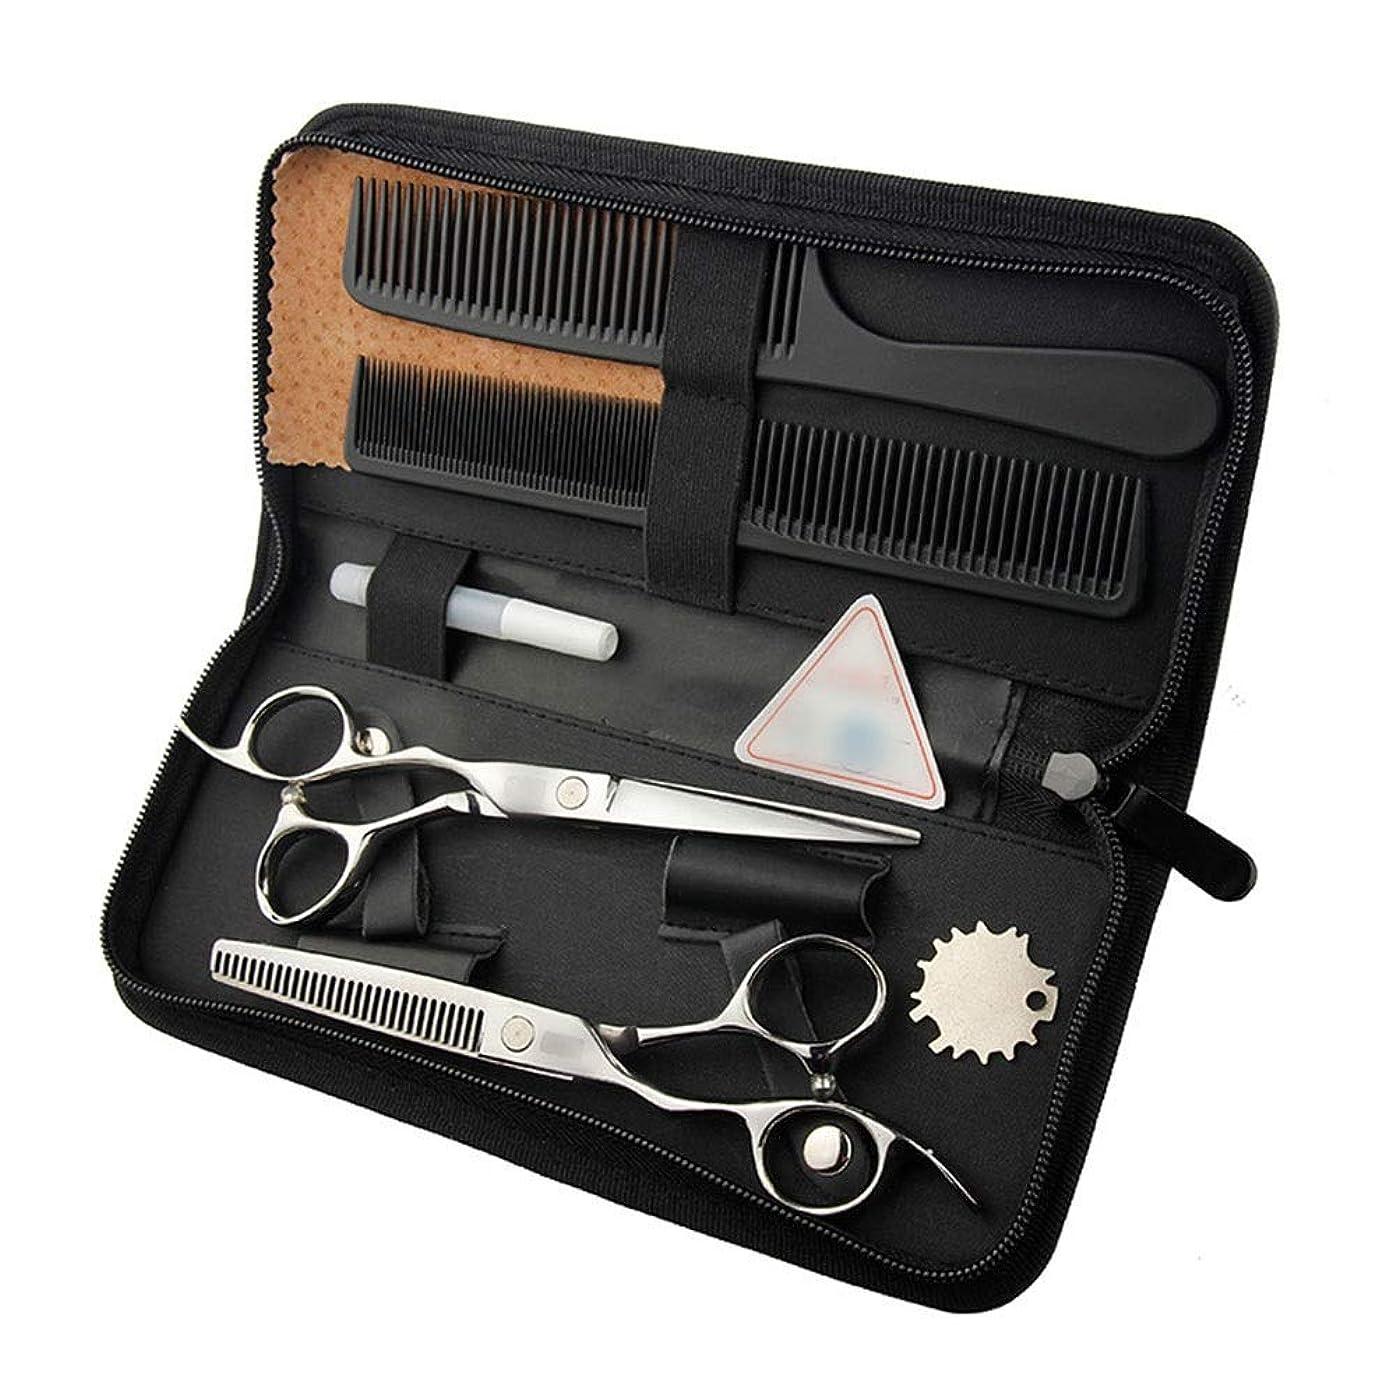 甥ミネラル立法6インチ美容院プロのヘアカットフラットシザー+歯シザー モデリングツール (色 : Silver)